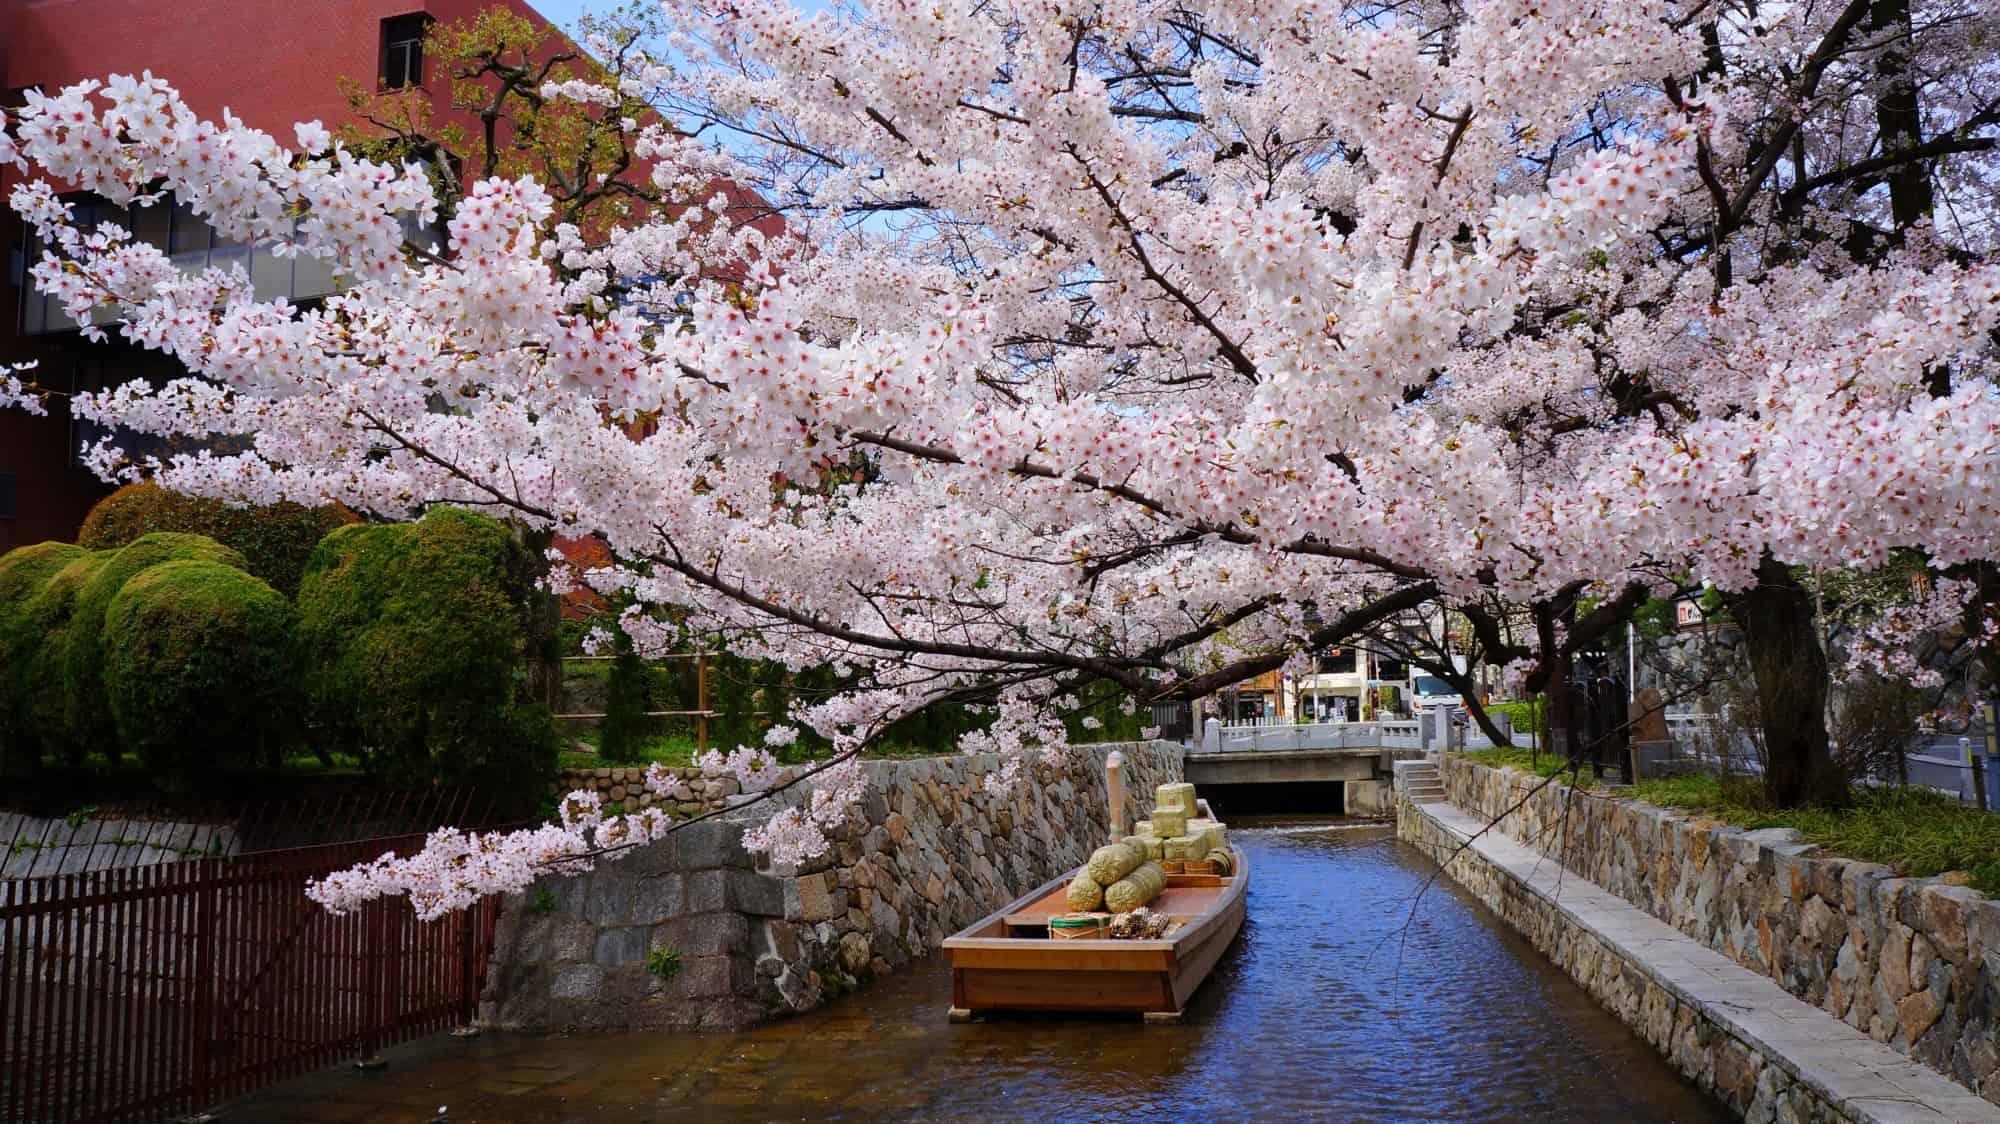 Takasegawa River